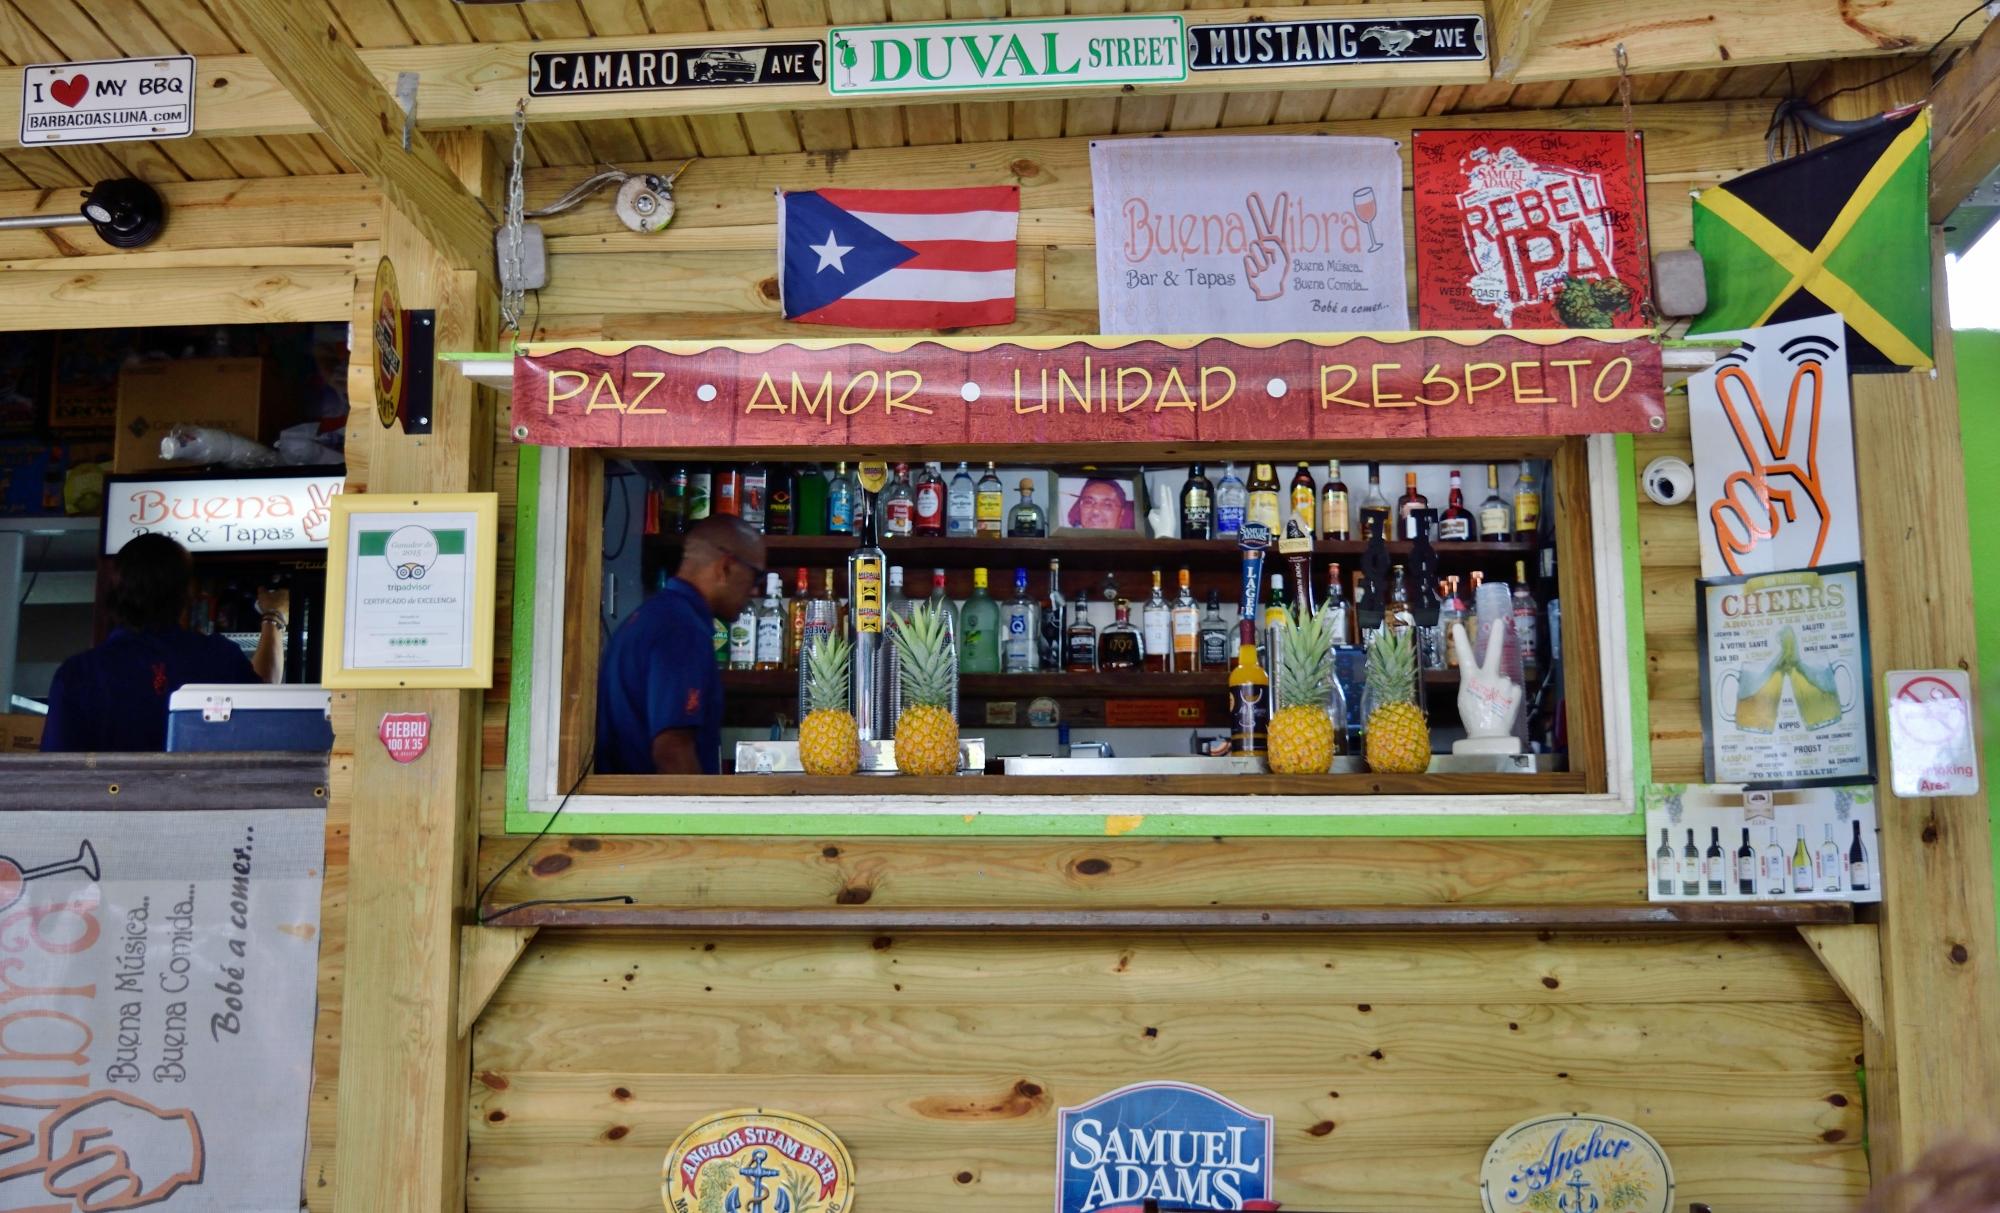 Bar. Check. Drinks. Check. Taps. Check. Pineapples. CHECK.